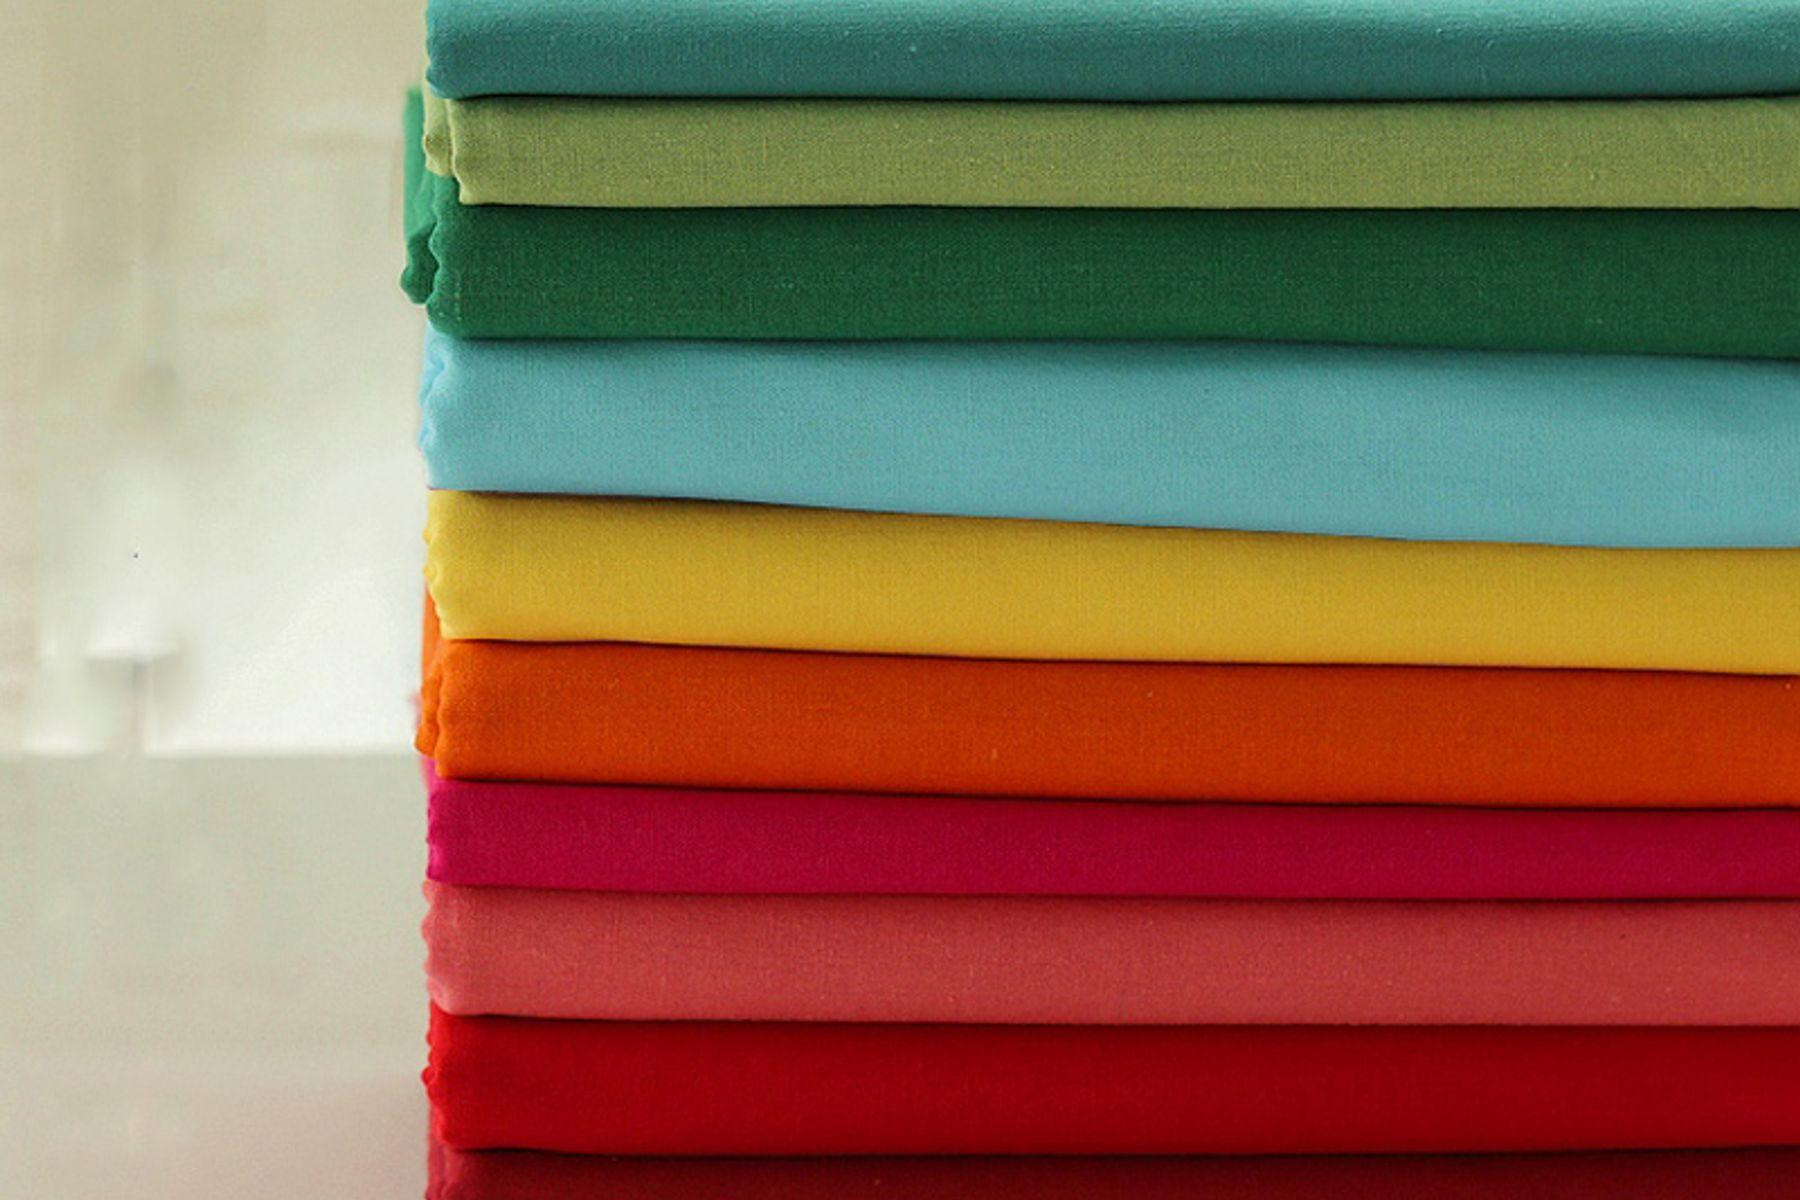 Dùng chất vải cotton, bạn cần phải chú ý những chi tiết nào?